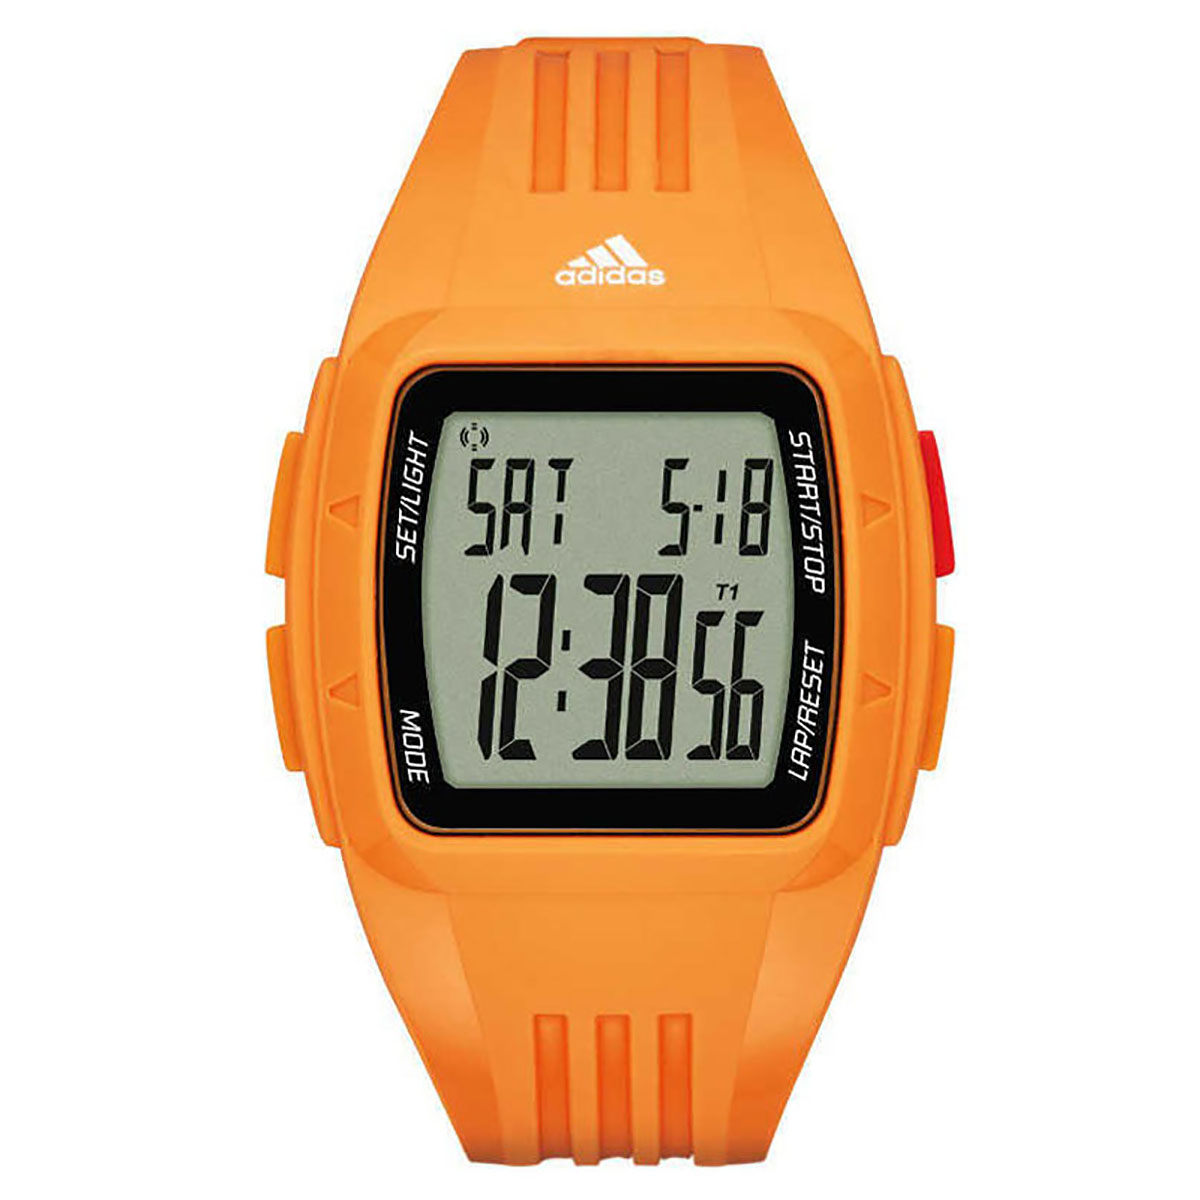 นาฬิกาผู้ชาย Adidas รุ่น ADP3237, Duramo Digital